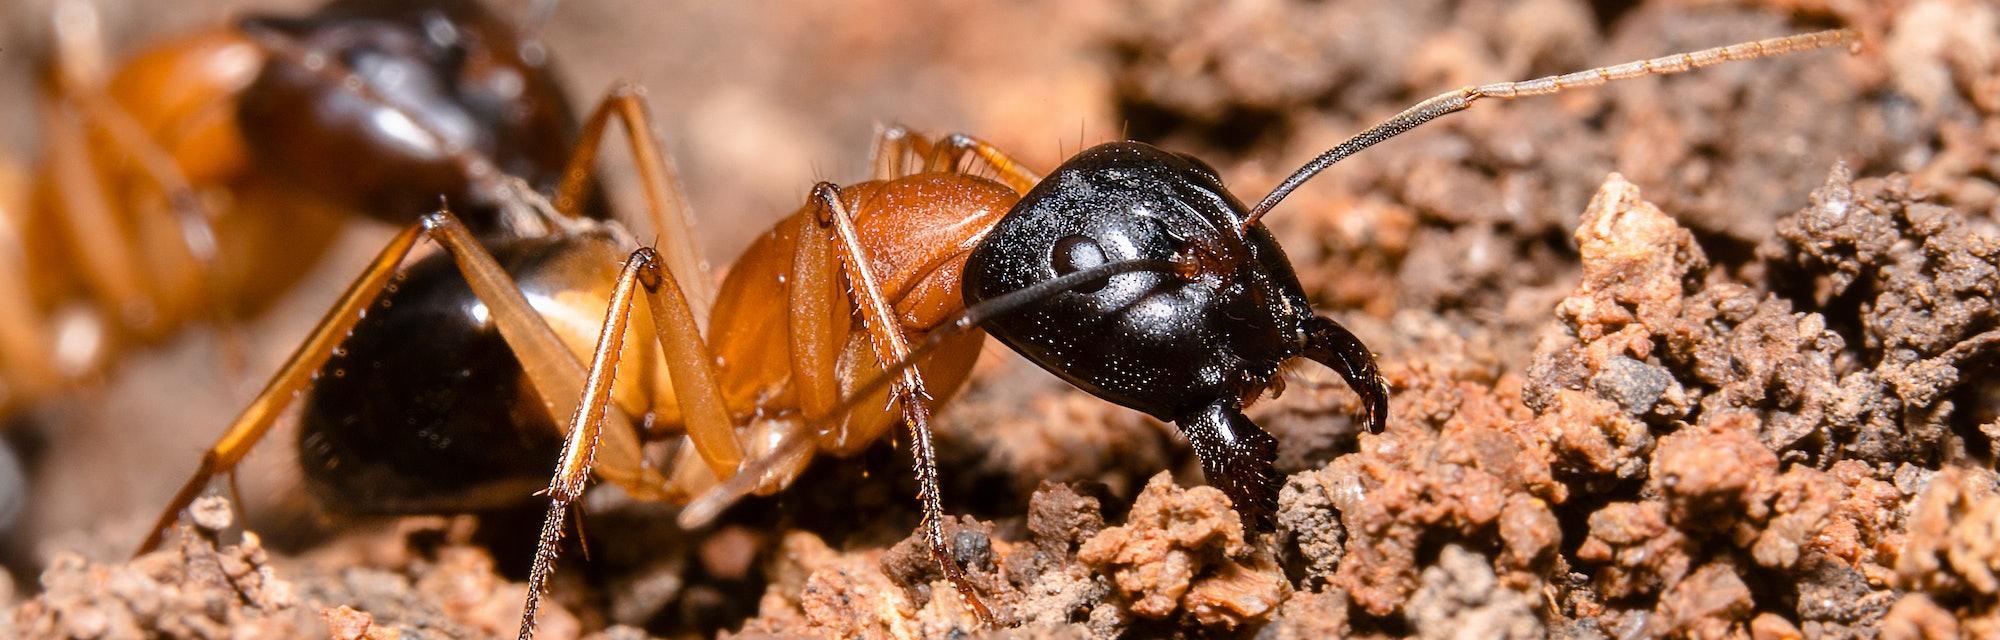 Black-headed sugar ants,  brown sugar ants, Scientific name: Camponotus nigriceps